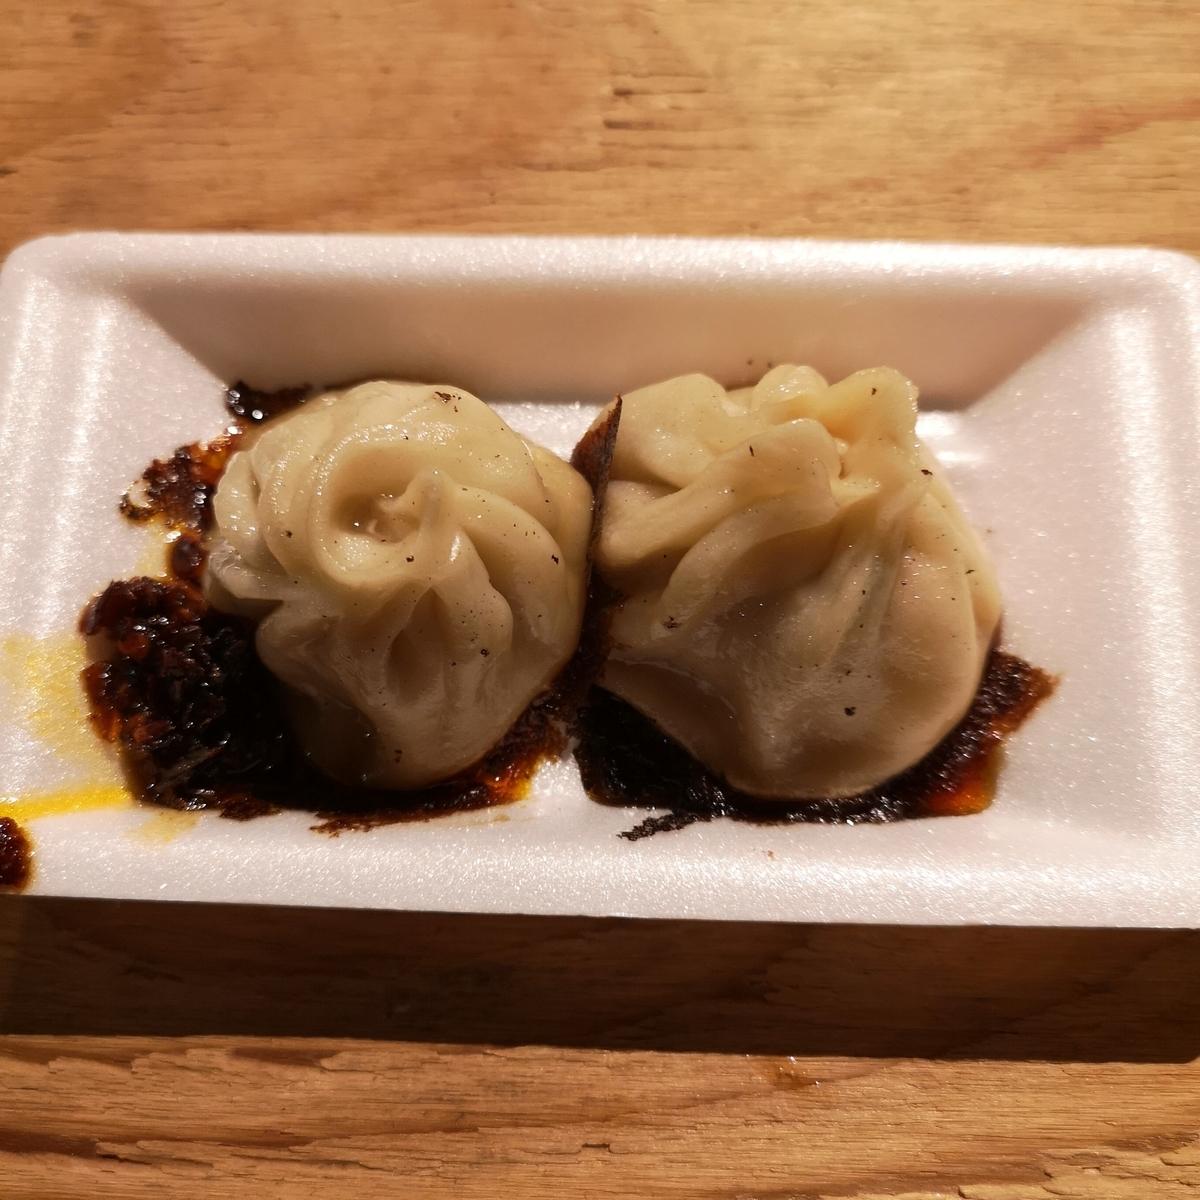 カレー事情聴取スパイス定食&バルVol.7 2019年10月20日 台湾食堂 焼小籠包